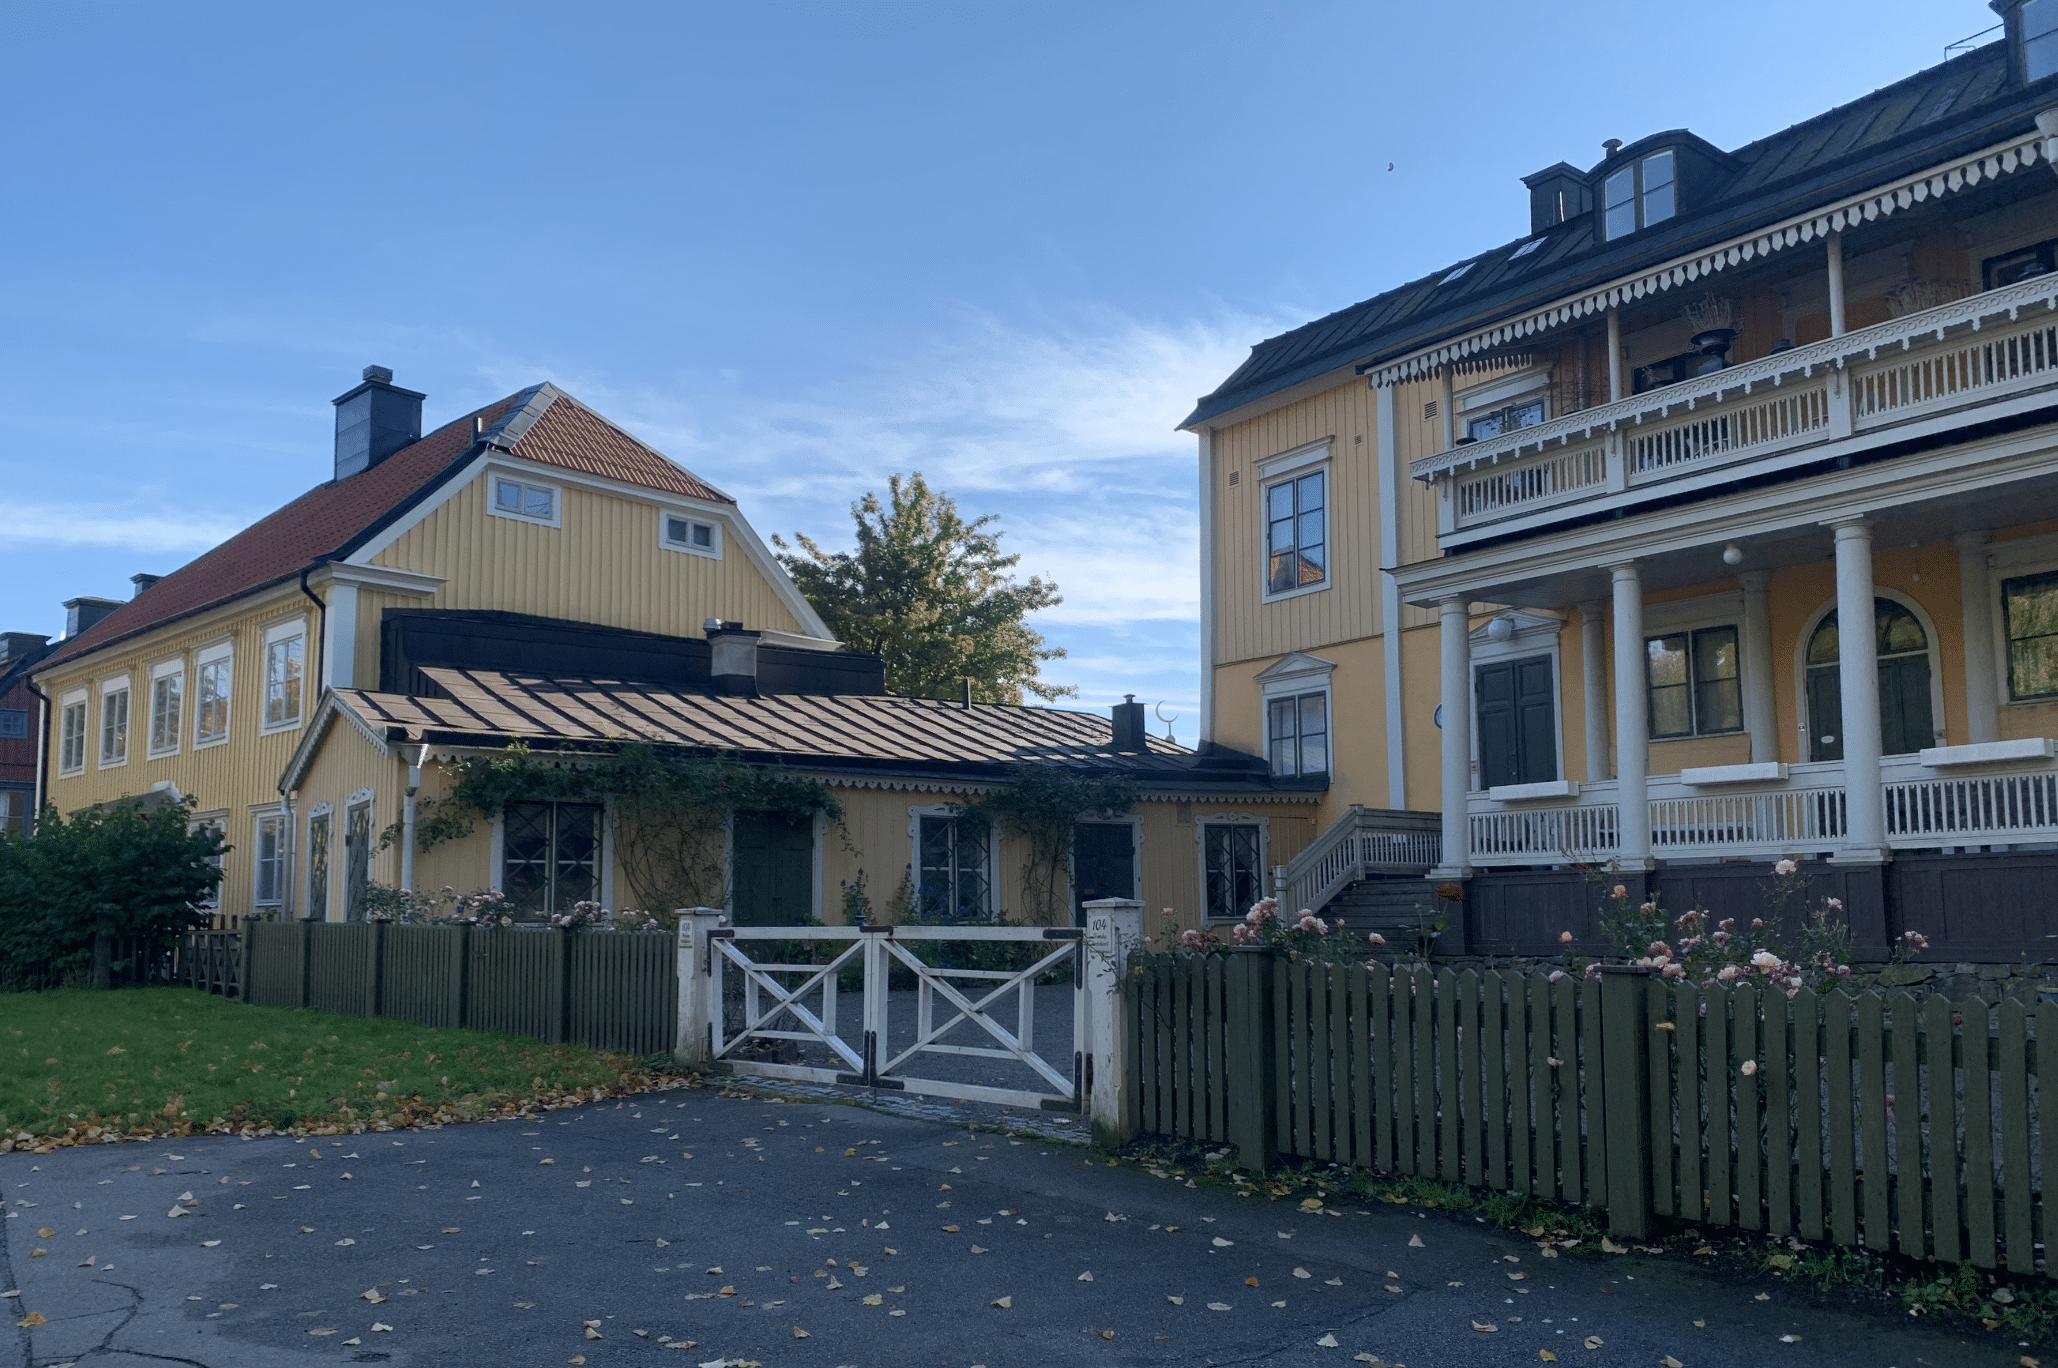 des maisons de campagne a djurgarden a stockholm